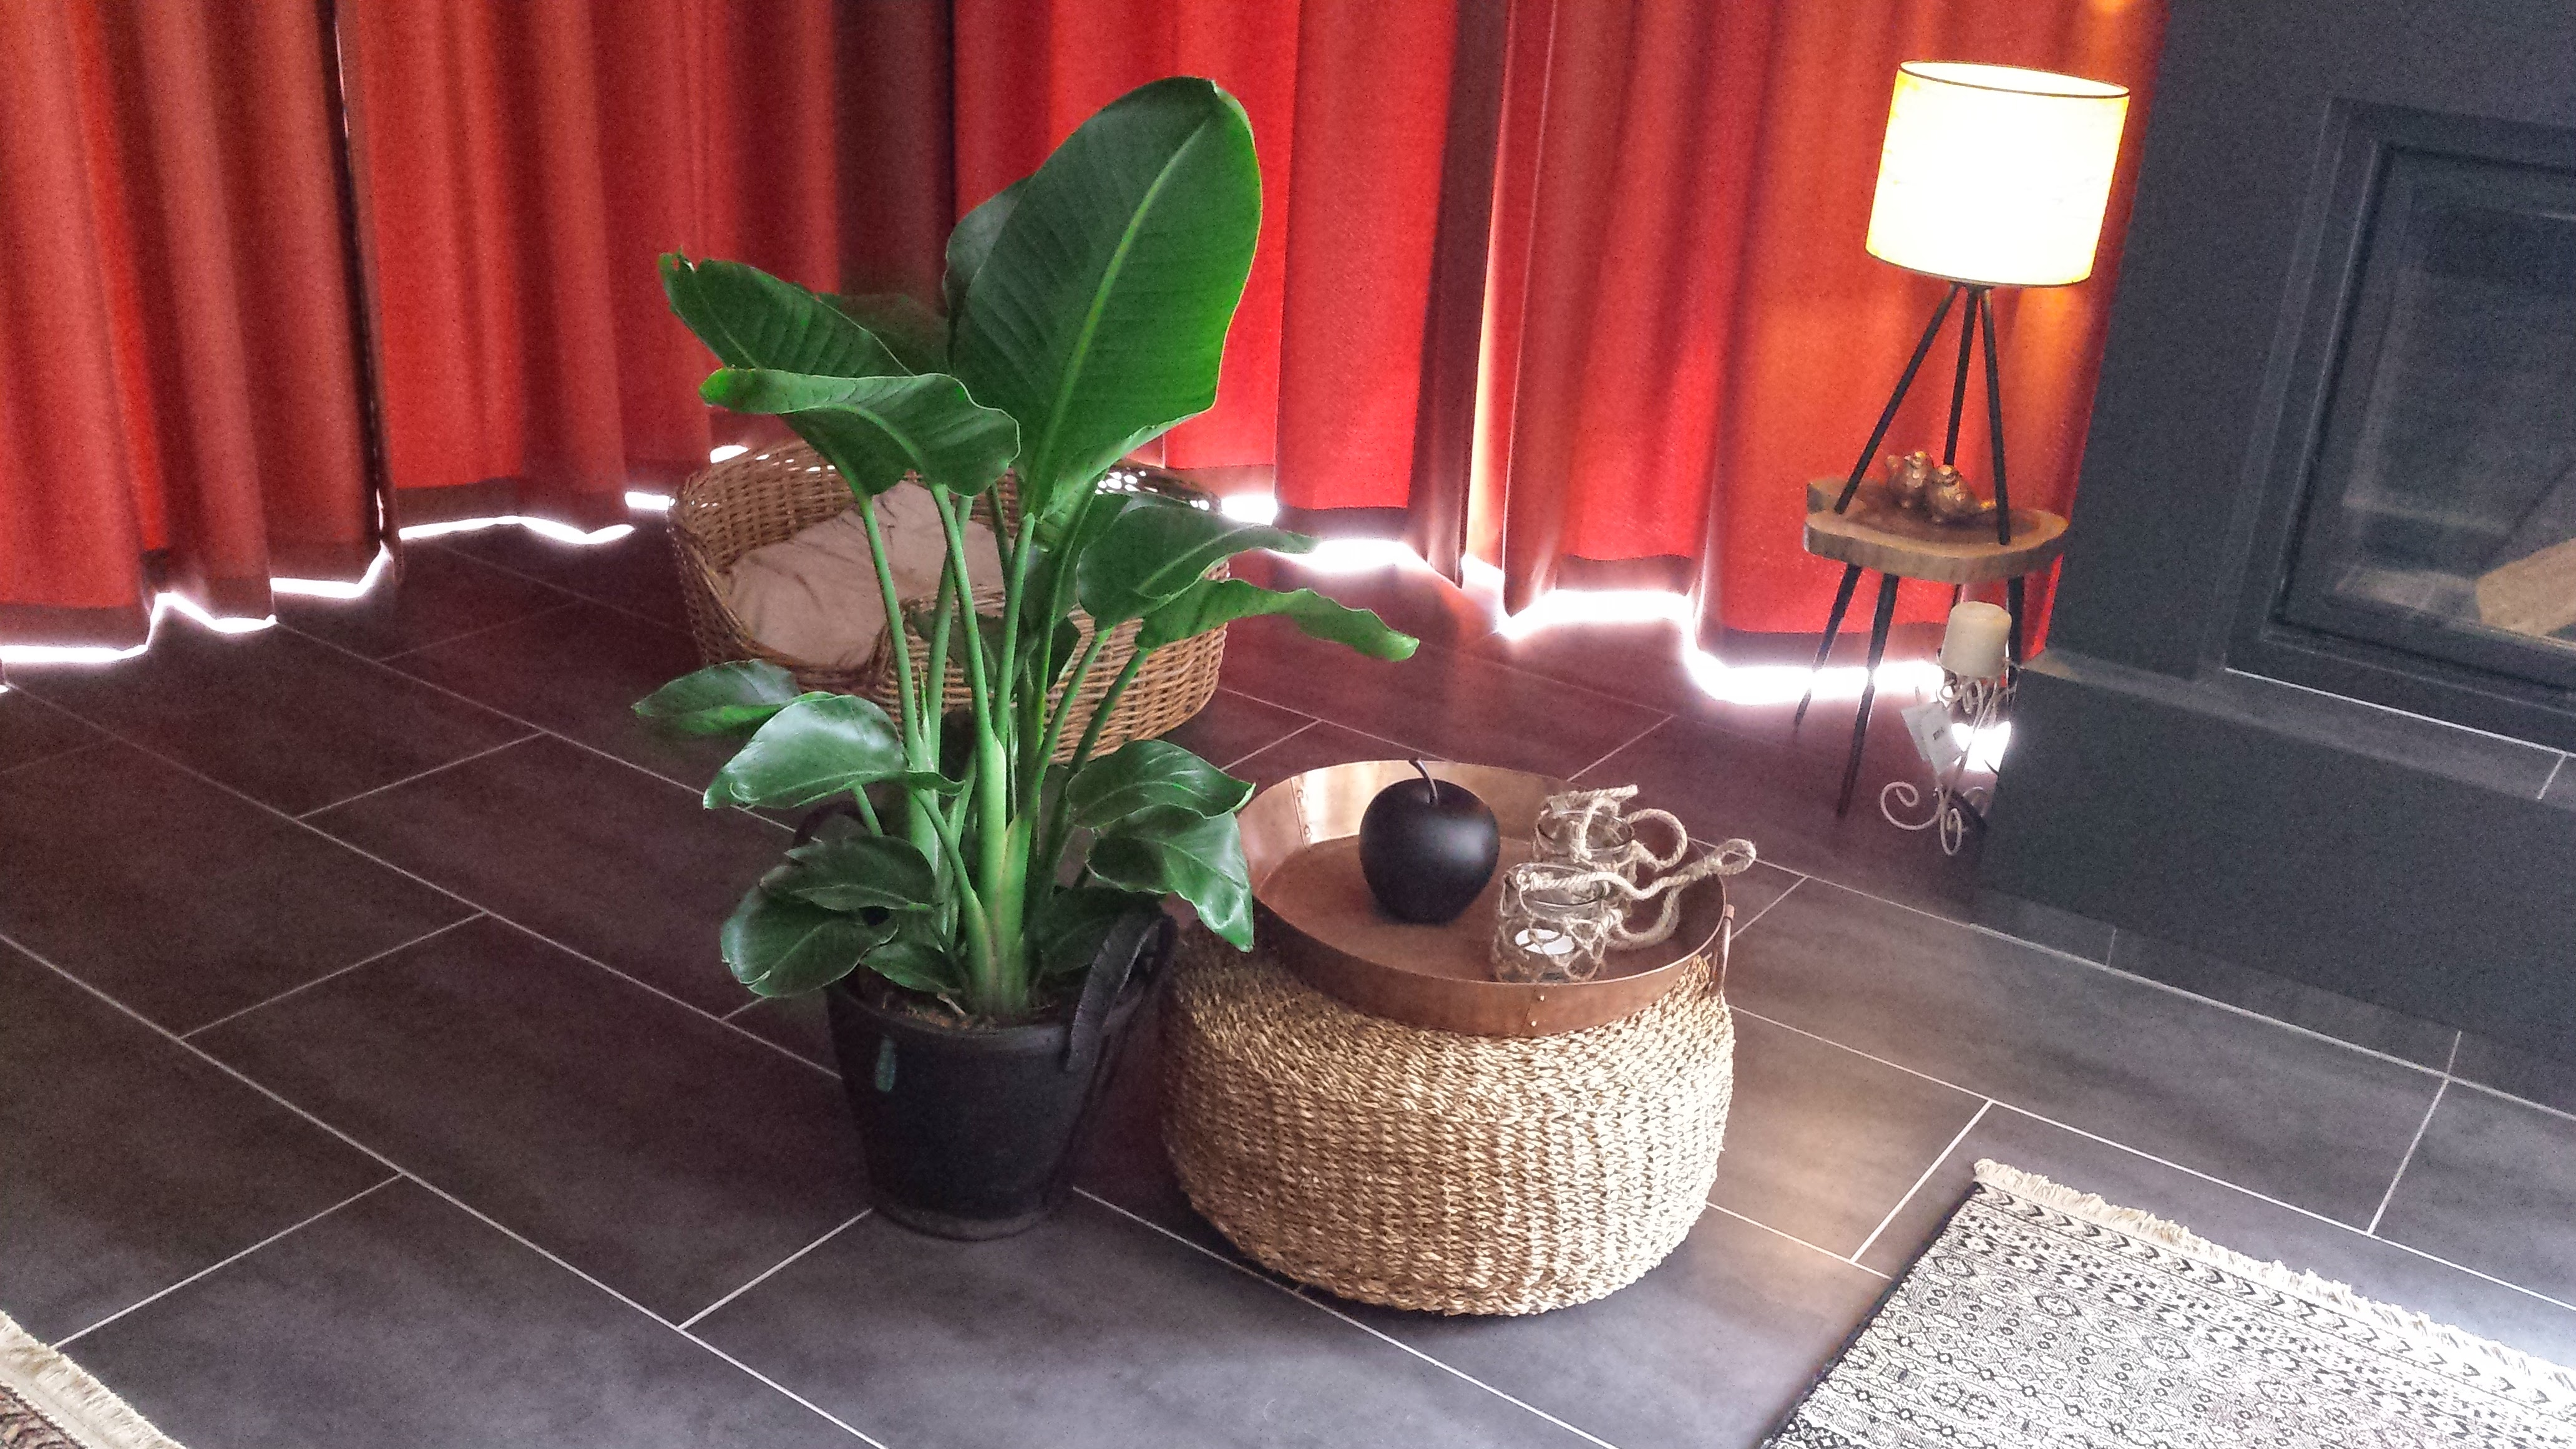 Grote plant en poef met dienblad